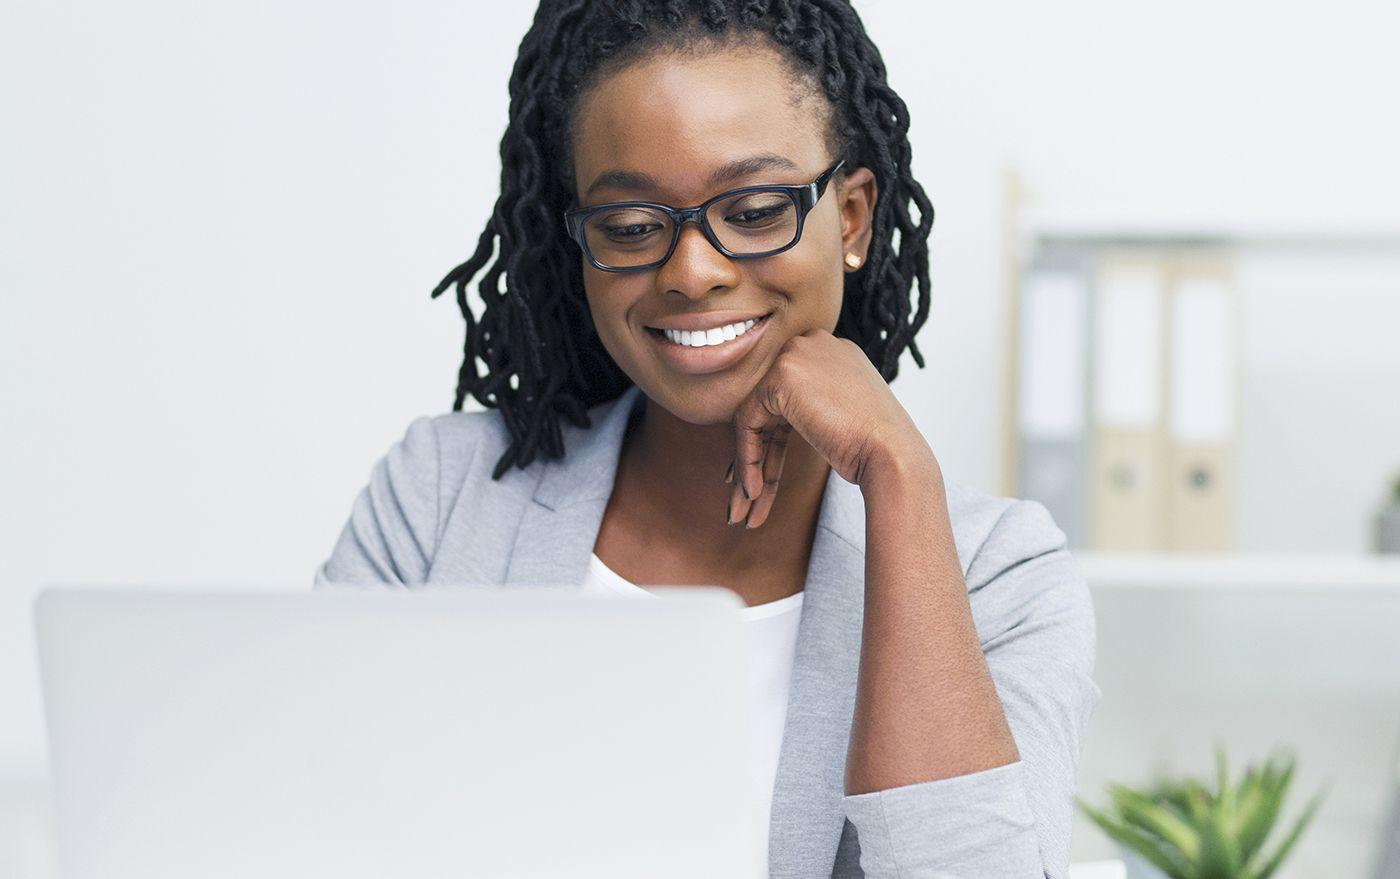 Mulher, negra, vestida de social, gerente do setor financeiro assistindo o Webinar Dattos sobre gestão da reconciliação